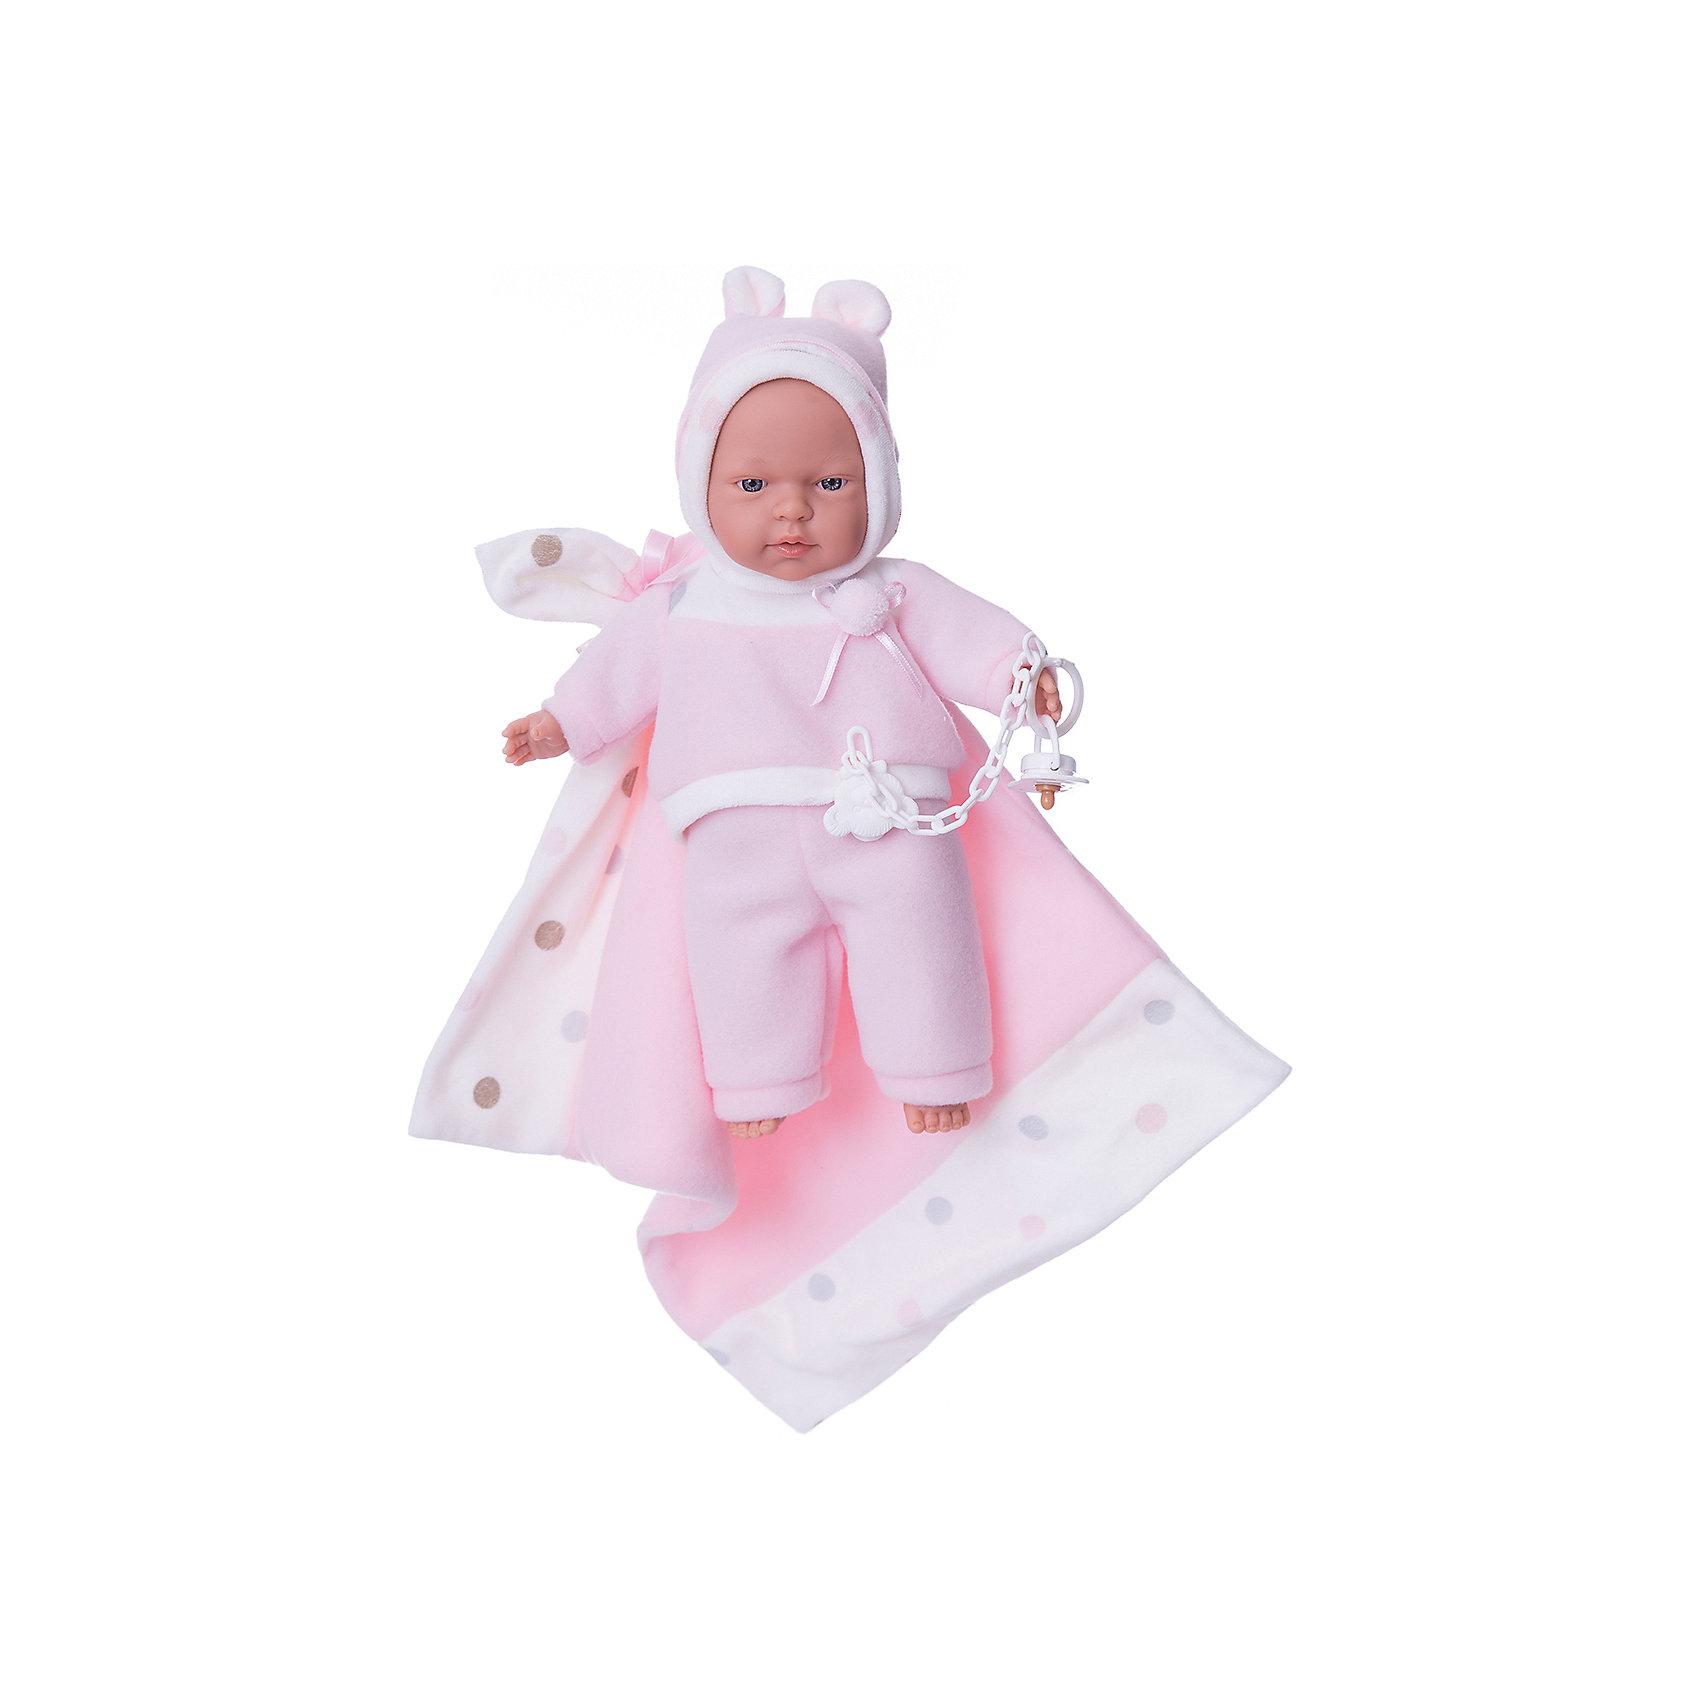 Кукла Люсия с одеялом, 33 см, LlorensКлассические куклы<br>Характеристики:<br><br>• Предназначение: для сюжетно-ролевых игр<br>• Тип куклы: мягконабивная<br>• Пол куклы: девочка <br>• Волосы: прорисованные<br>• Материал: поливинилхлорид, пластик, текстиль<br>• Цвет: розовый, белый<br>• Высота куклы: 33 см<br>• Комплектация: кукла, штанишки, кофточка, шарфик, одеяло, соска с цепочкой-держателем<br>• Вес: 700 г<br>• Размеры упаковки (Д*В*Ш): 20*37*10 см<br>• Упаковка: подарочная картонная коробка <br>• Особенности ухода: допускается деликатная стирка без использования красящих и отбеливающих средств предметов одежды куклы<br><br>Кукла Люсия 33 см с одеялом – кукла, производителем которого является всемирно известный испанский кукольный бренд Llorens. Куклы этой торговой марки имеют свою неповторимую внешность и целую линейку образов как пупсов, так и кукол-малышей. Игрушки выполнены из сочетания поливинилхлорида и пластика, что позволяет с высокой долей достоверности воссоздать физиологические и мимические особенности маленьких детей. При изготовлении кукол Llorens используются только сертифицированные материалы, безопасные и не вызывающие аллергических реакций. Волосы у кукол-пупсов прорисованные; ручки и ножки двигаются.<br>Кукла Люсия 33 см без звука выполнена в образе очаровательного малышки: голубые глазки и пухлые щечки создают невероятно очаровательный и милый образ. В комплект одежды Люсии входит костюмчик из сочетания белых и розовых элементов, состоящий из кофточки с длинными рукавами, штанишек и шапочки на завязках. В компекте предусмотрено одеялко и соска на цепочке-держателе.<br>Кукла Люсия 33 см без звука – это идеальный вариант для подарка к различным праздникам и торжествам.<br><br>Куклу Люсию 33 см без звука можно купить в нашем интернет-магазине.<br><br>Ширина мм: 20<br>Глубина мм: 37<br>Высота мм: 10<br>Вес г: 700<br>Возраст от месяцев: 36<br>Возраст до месяцев: 84<br>Пол: Женский<br>Возраст: Детский<br>SKU: 5086902